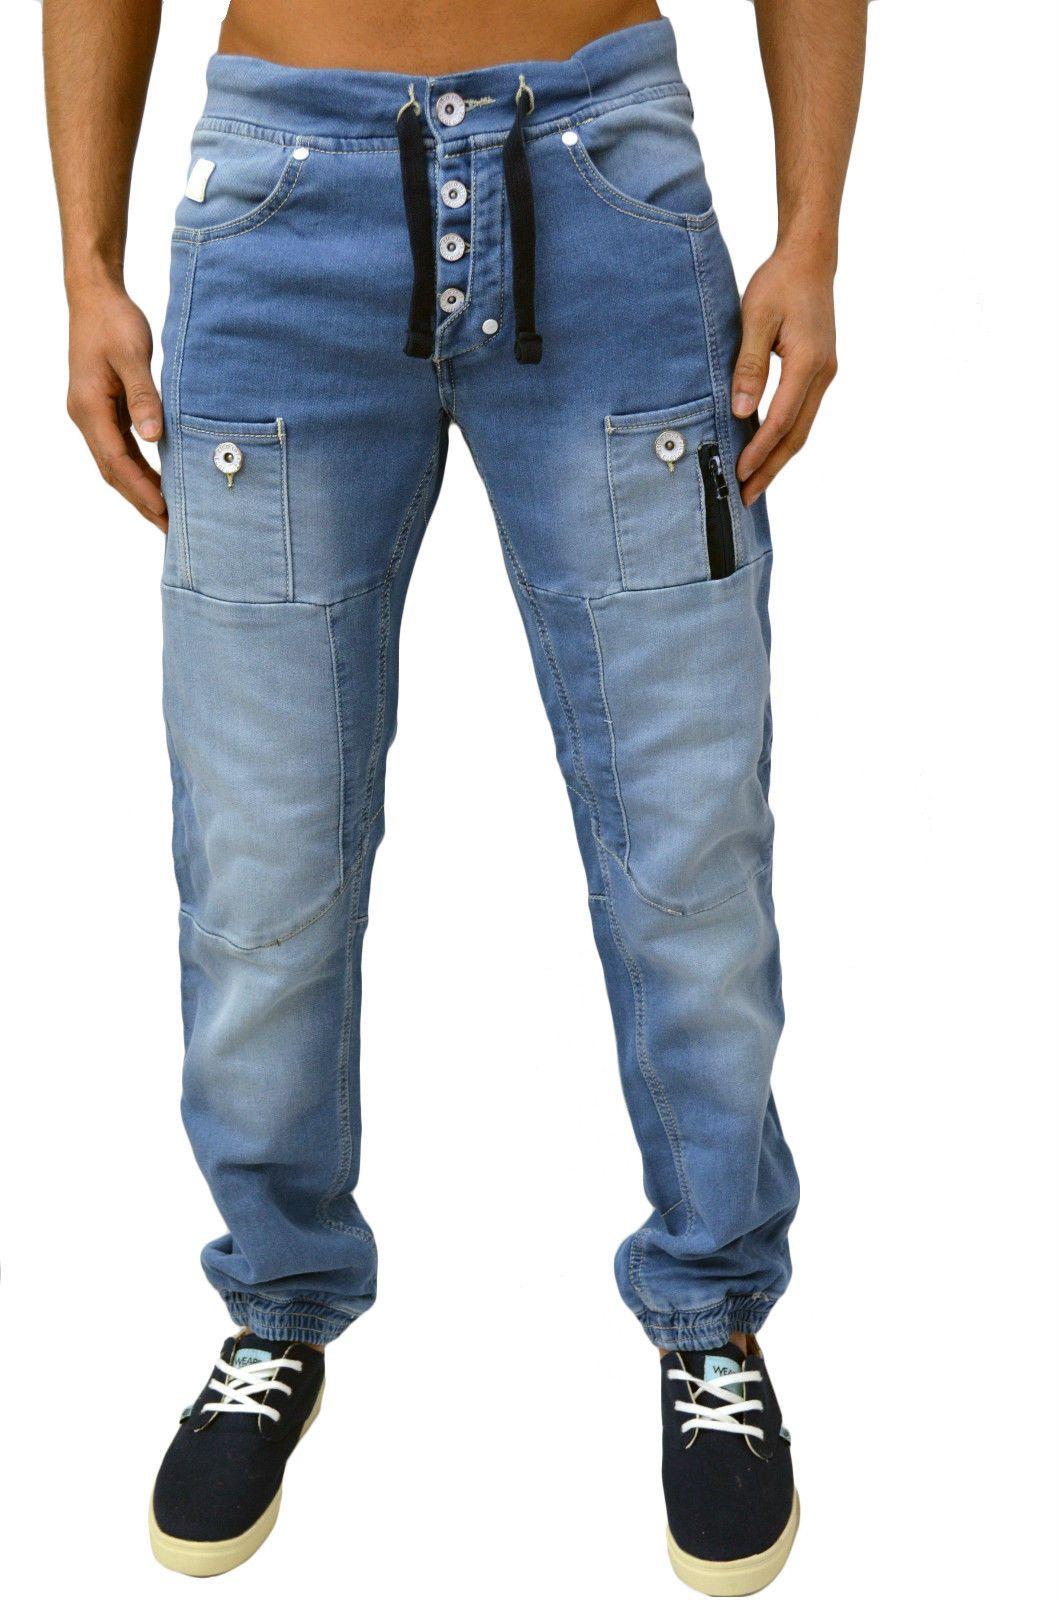 9b452de08a69e Pantalones Vaqueros Hombre Diseñador Zico C puños Chinos Joggers Cargo  Combat